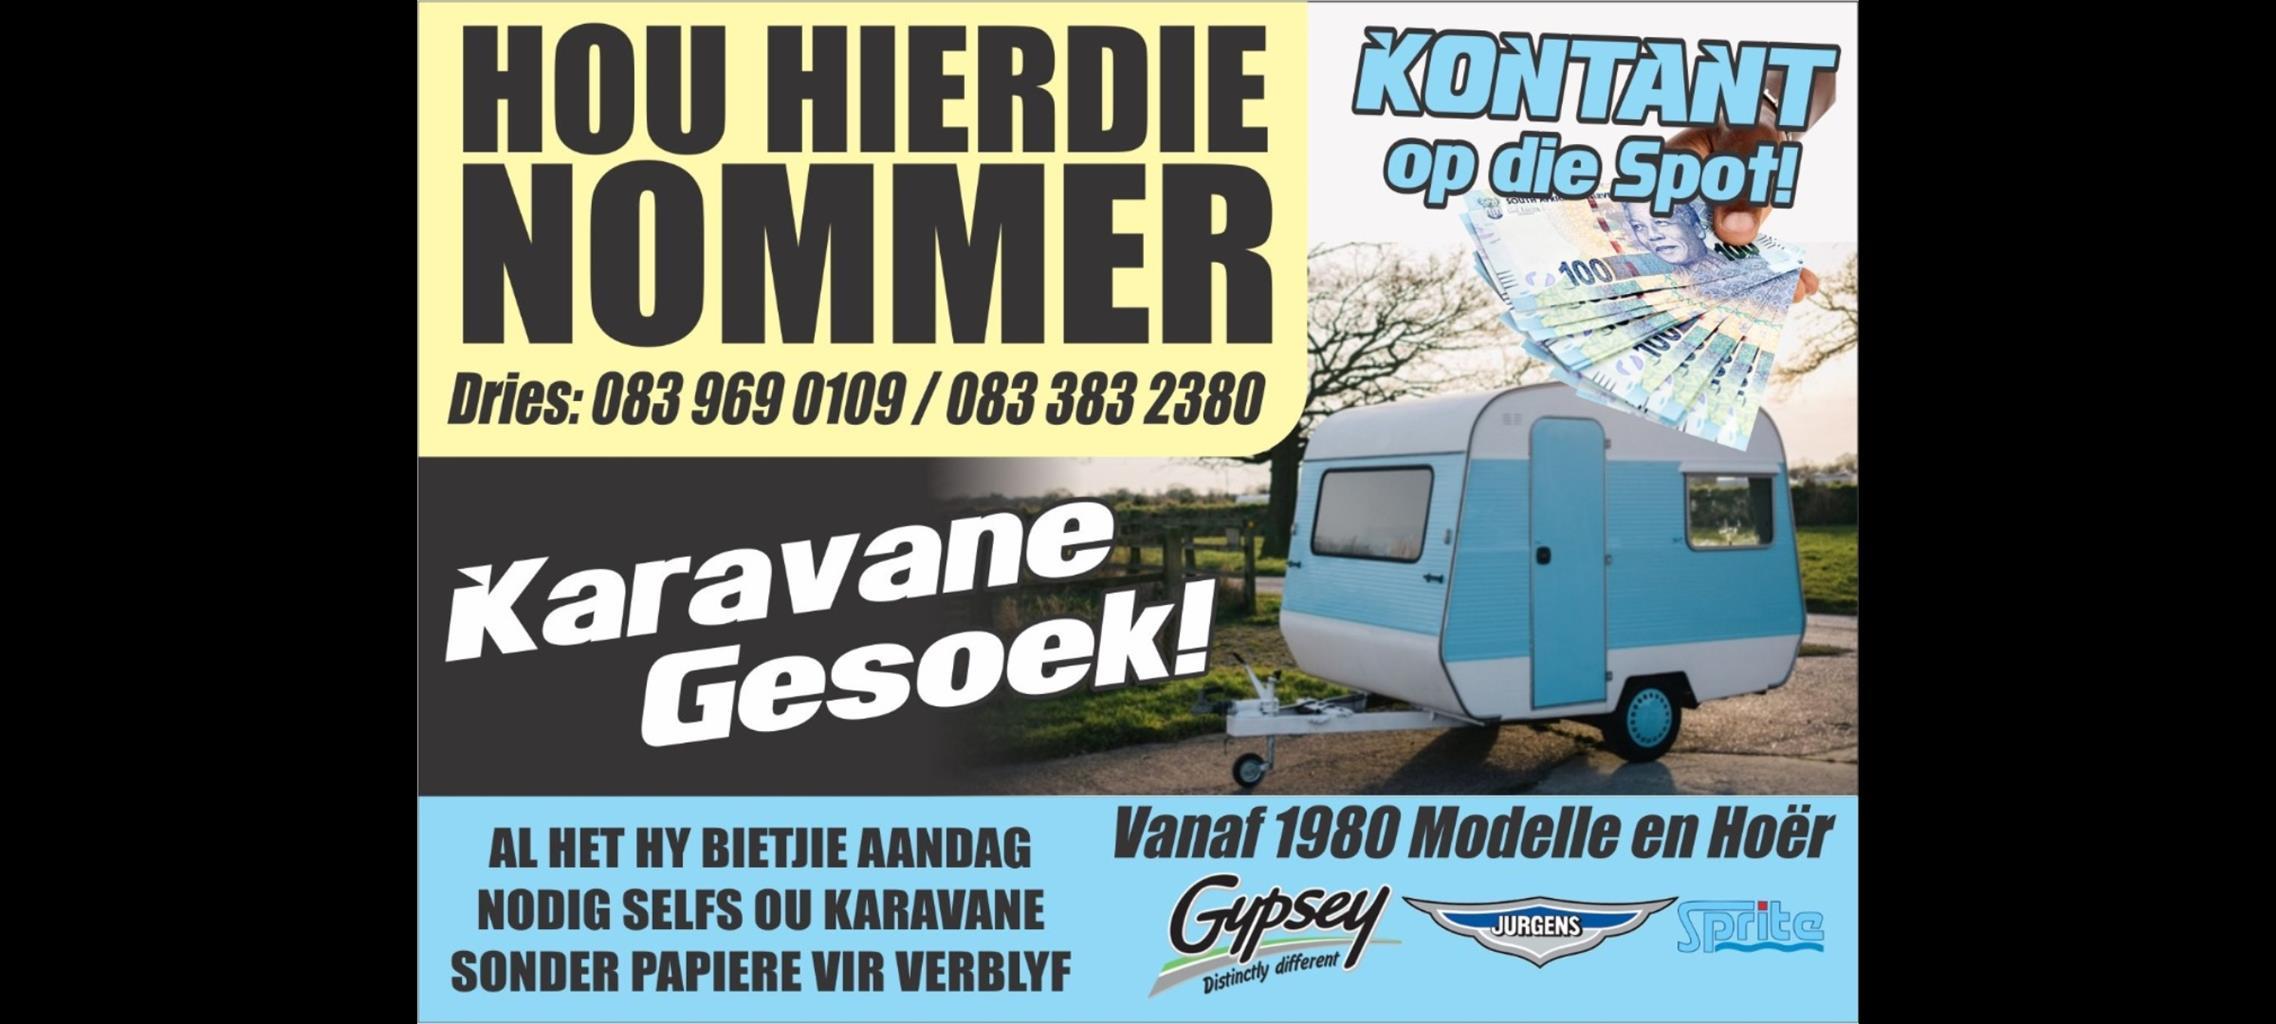 Karavane gesoek vir kontant vanaf 1980/90/2000 modelle